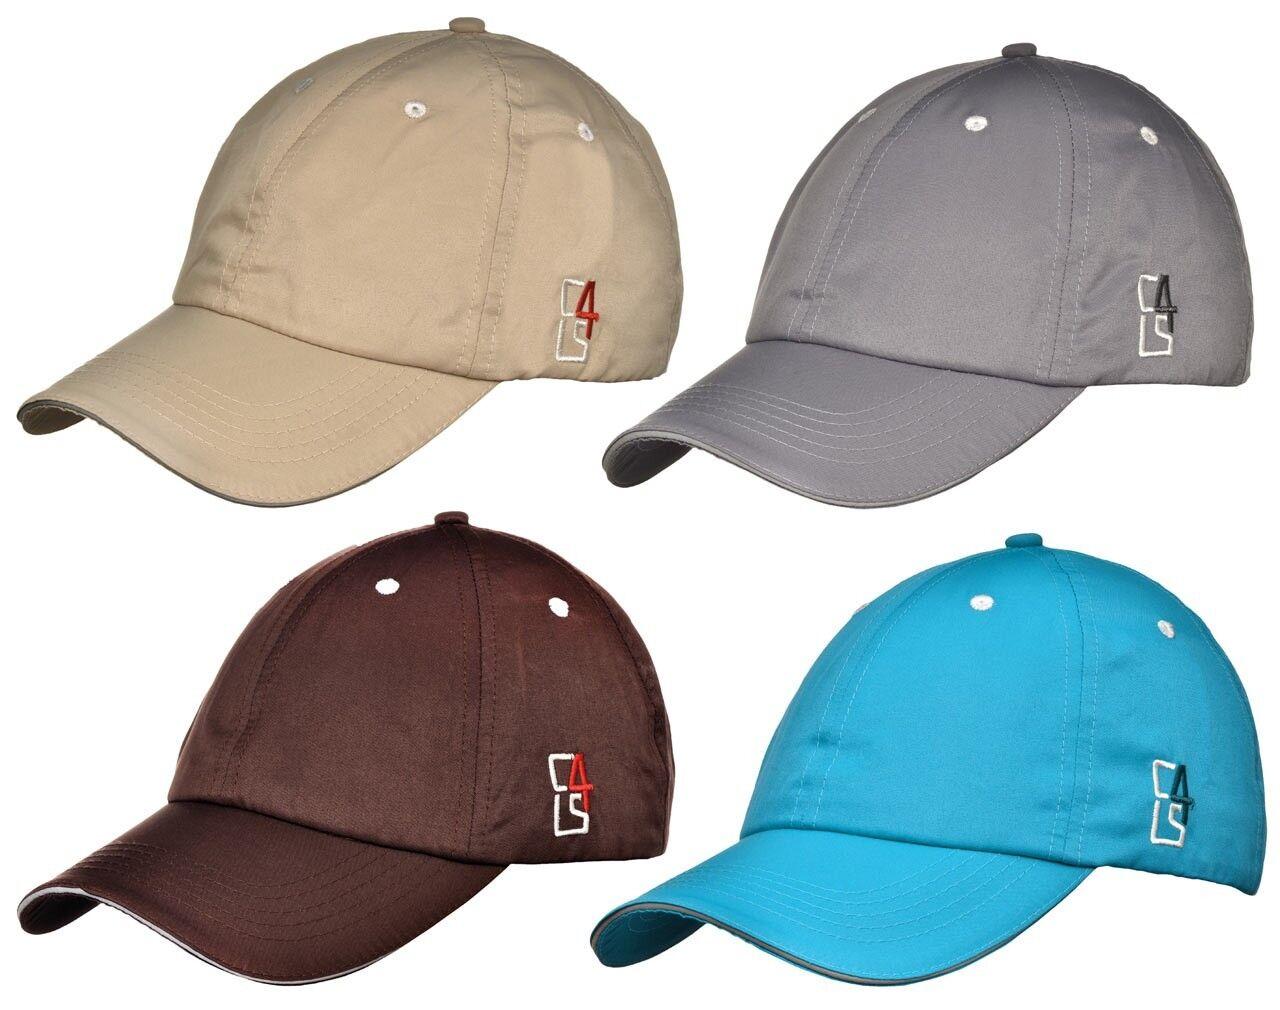 c4s Segelcap - schnell trocknend DRI FIT - ideale Mütze für Segeln & Wassersport